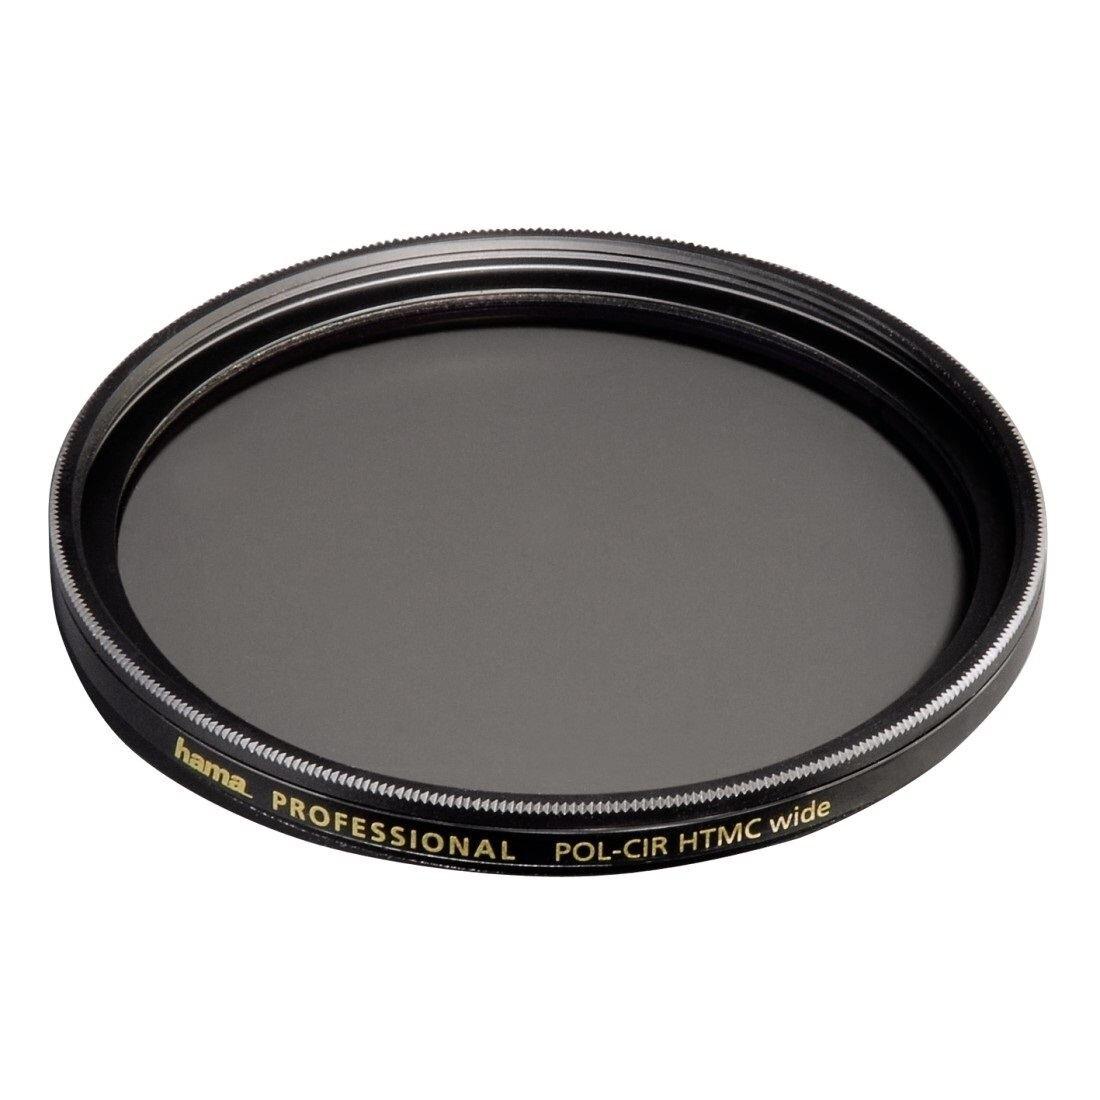 Hama Pol-Cir Filter HTMC Wide 58mm